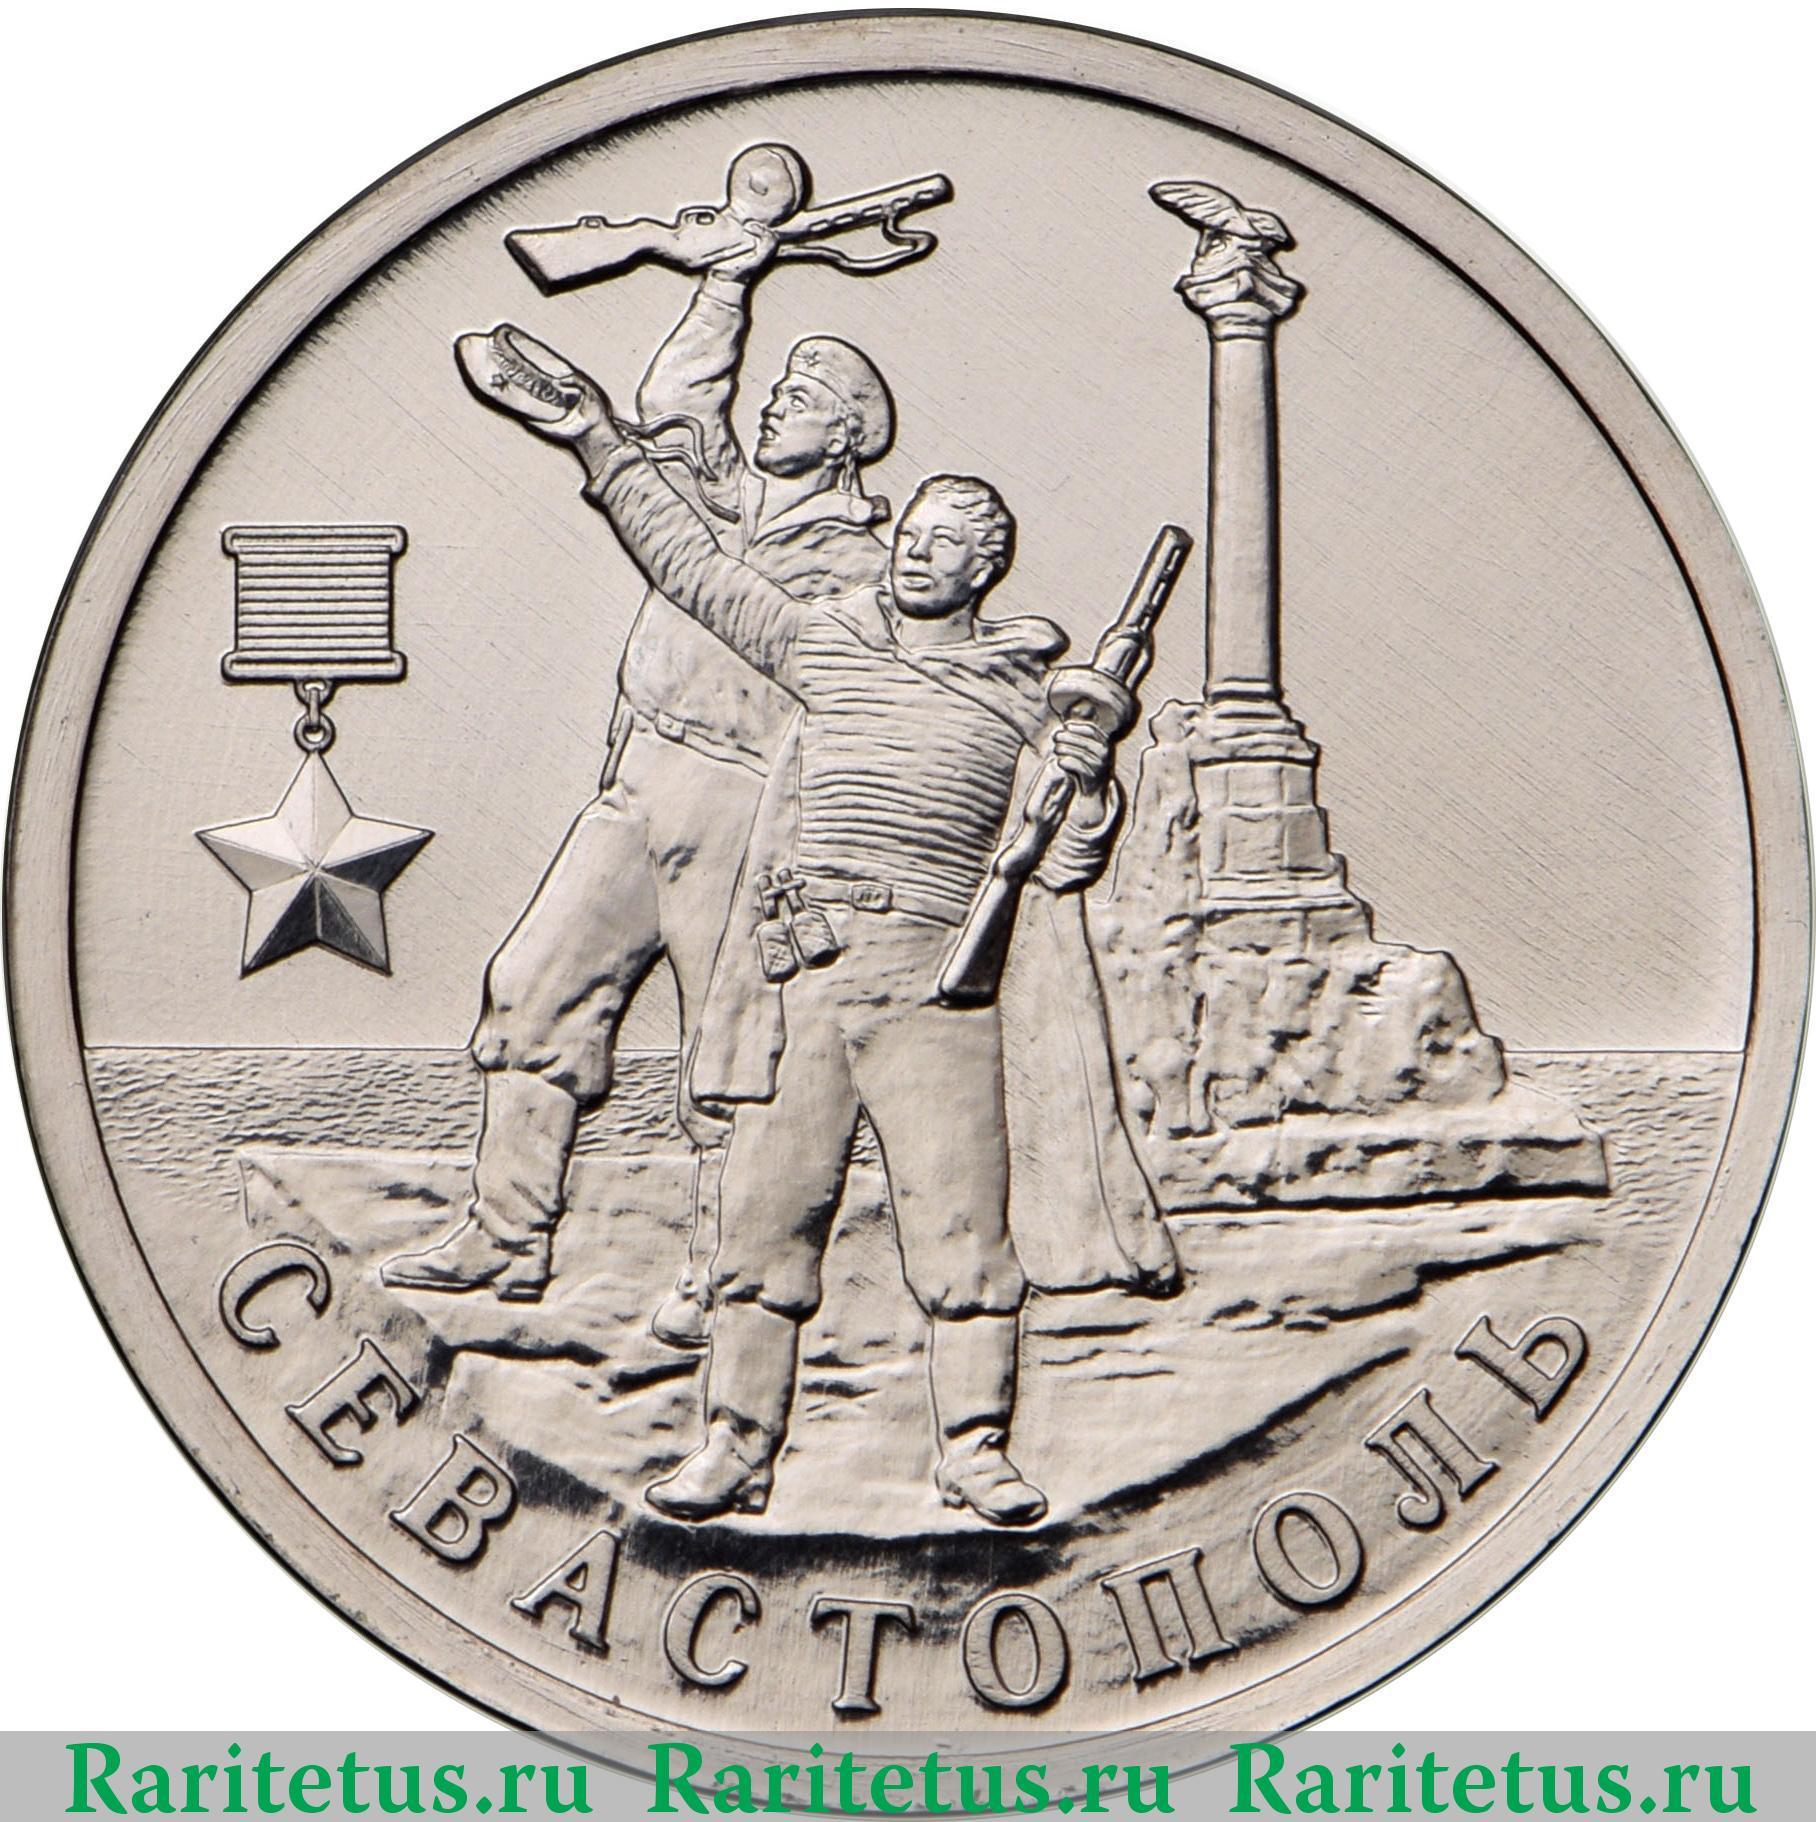 Монеты 2 рубля 2017 года юбилейные lietuvos bankas